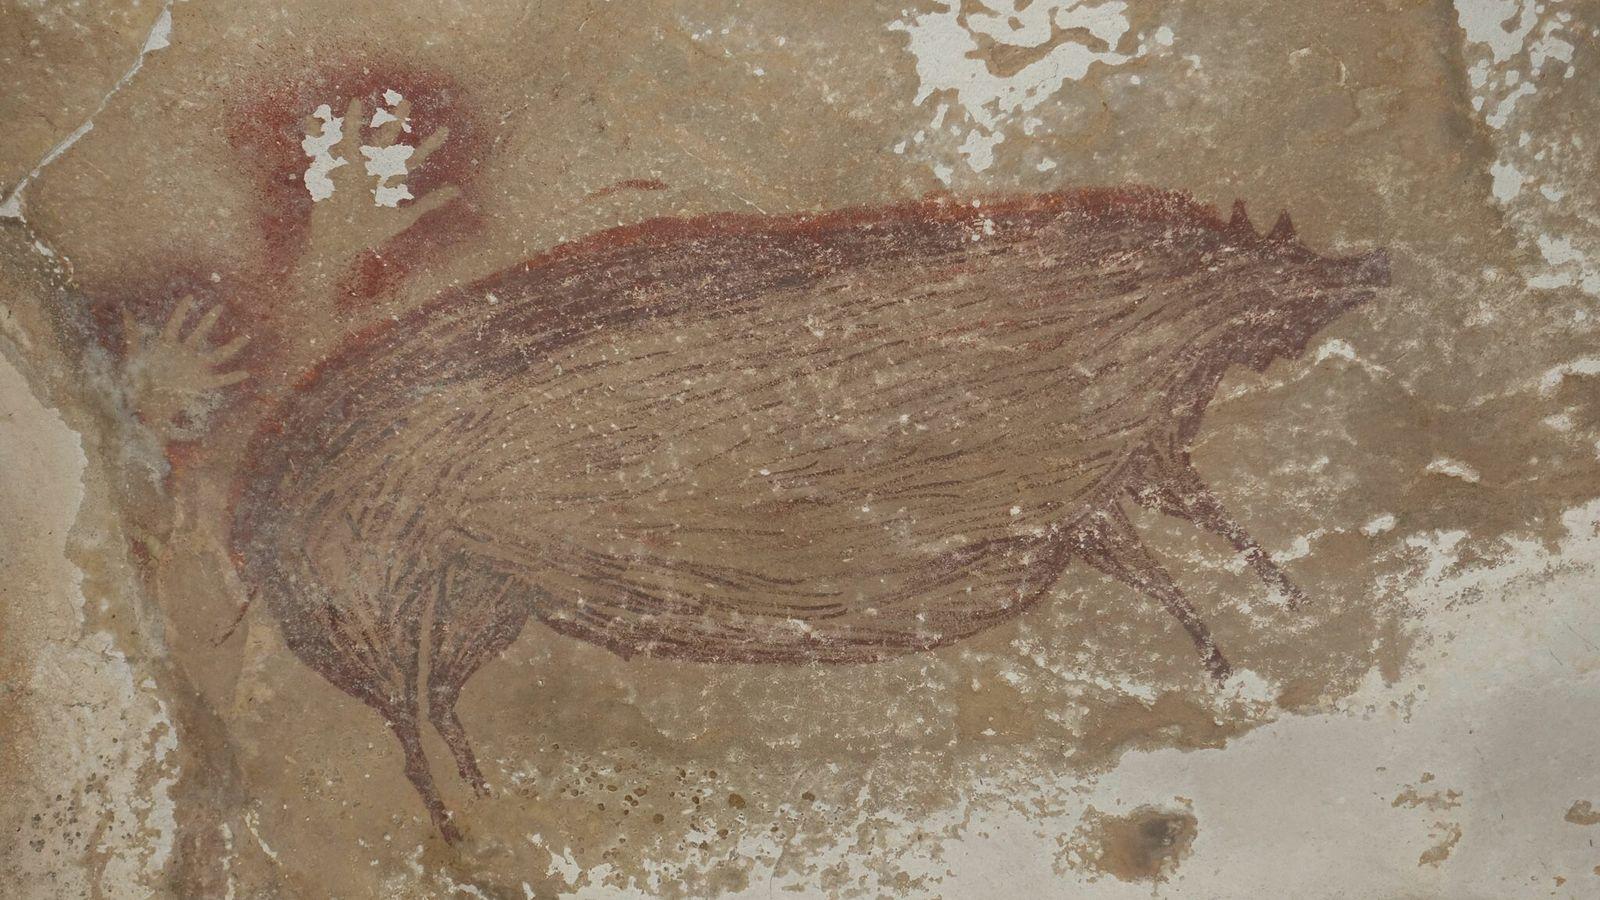 L'artiste à l'origine de cette peinture rupestre d'un imposant sanglier aurait voulu représenter l'une des principales ...